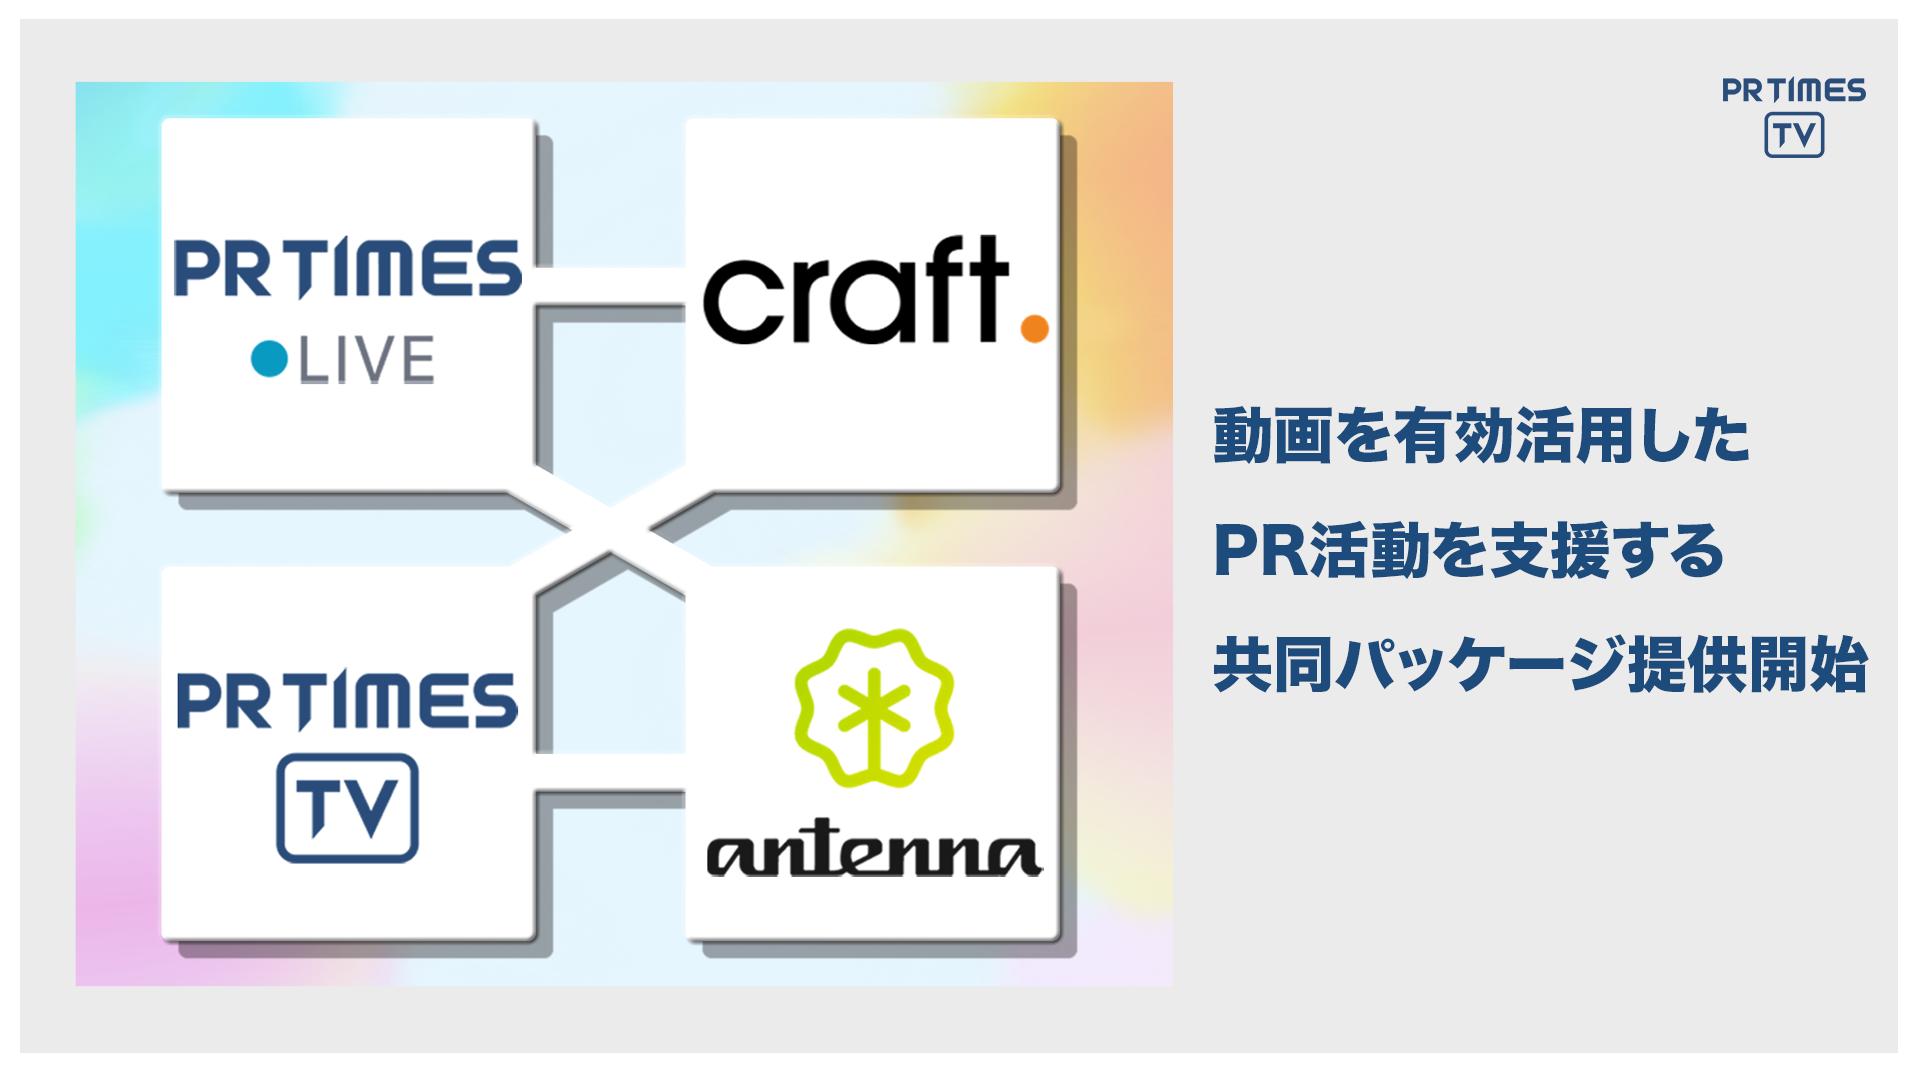 「PR TIMES TV/LIVE ×  craft. × antenna*」 企業の新情報を伝える動画の流通を高める、共同商品の提供を開始